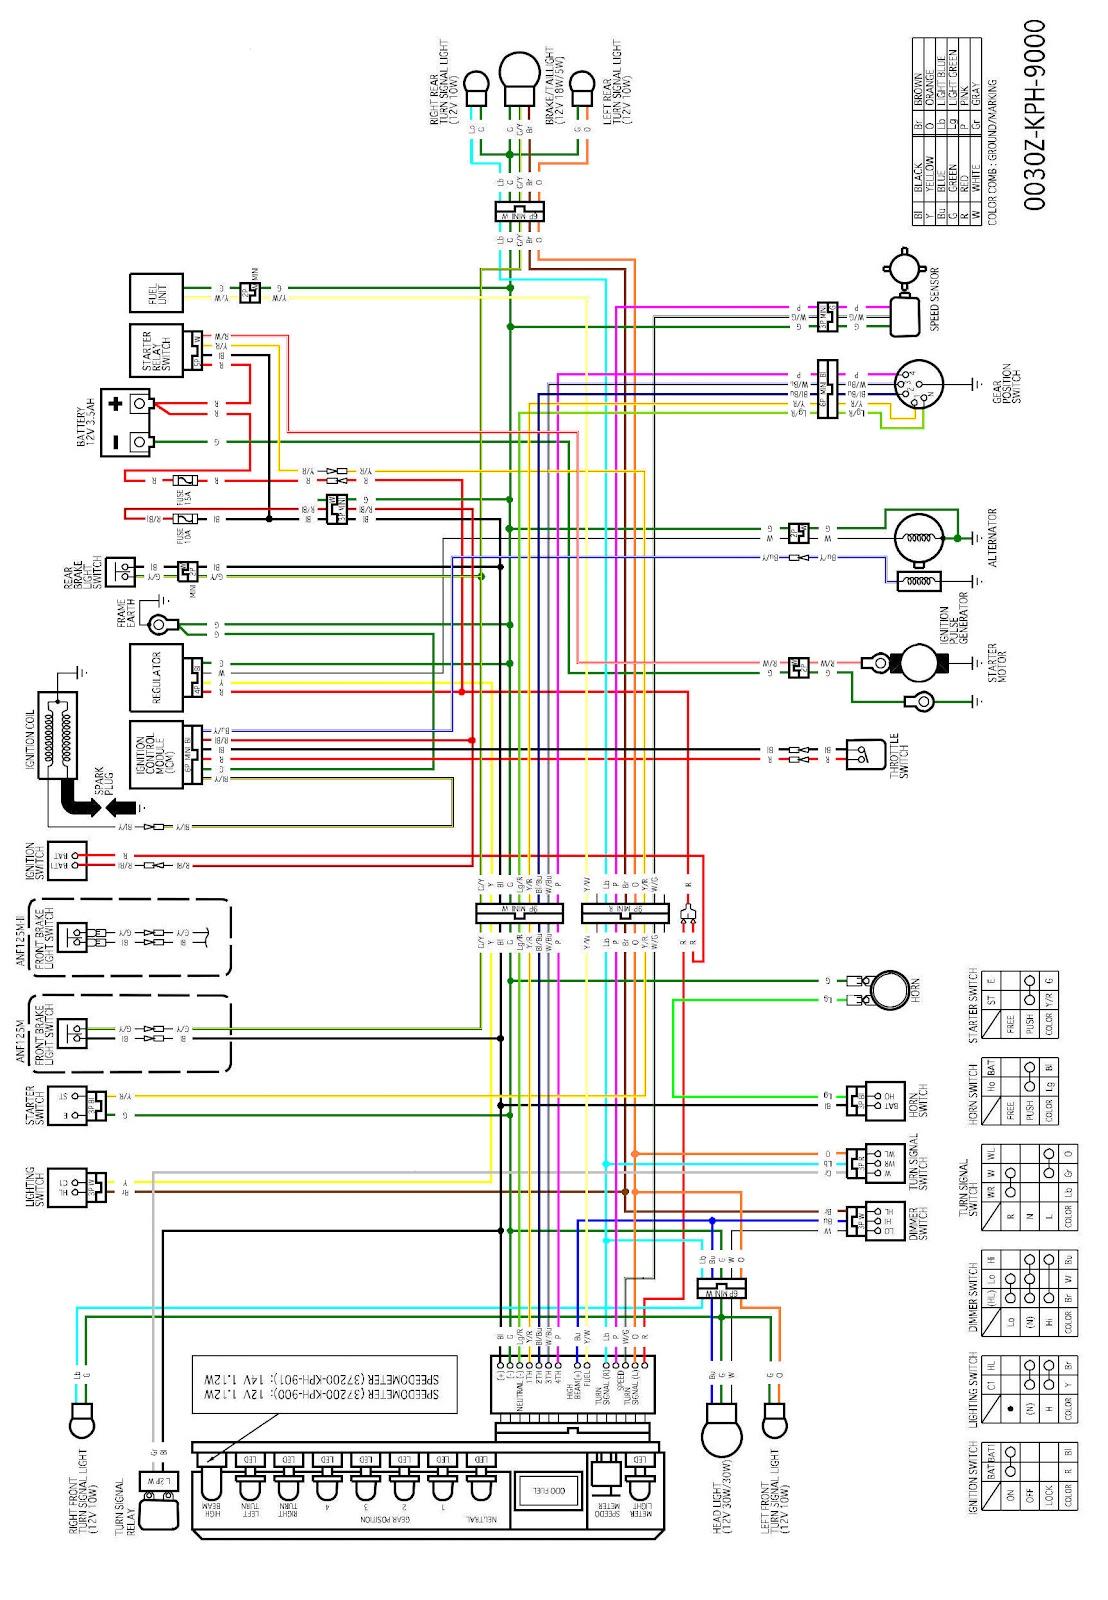 medium resolution of wiring diagram motor honda karisma x wiring library wiring diagram motor karisma